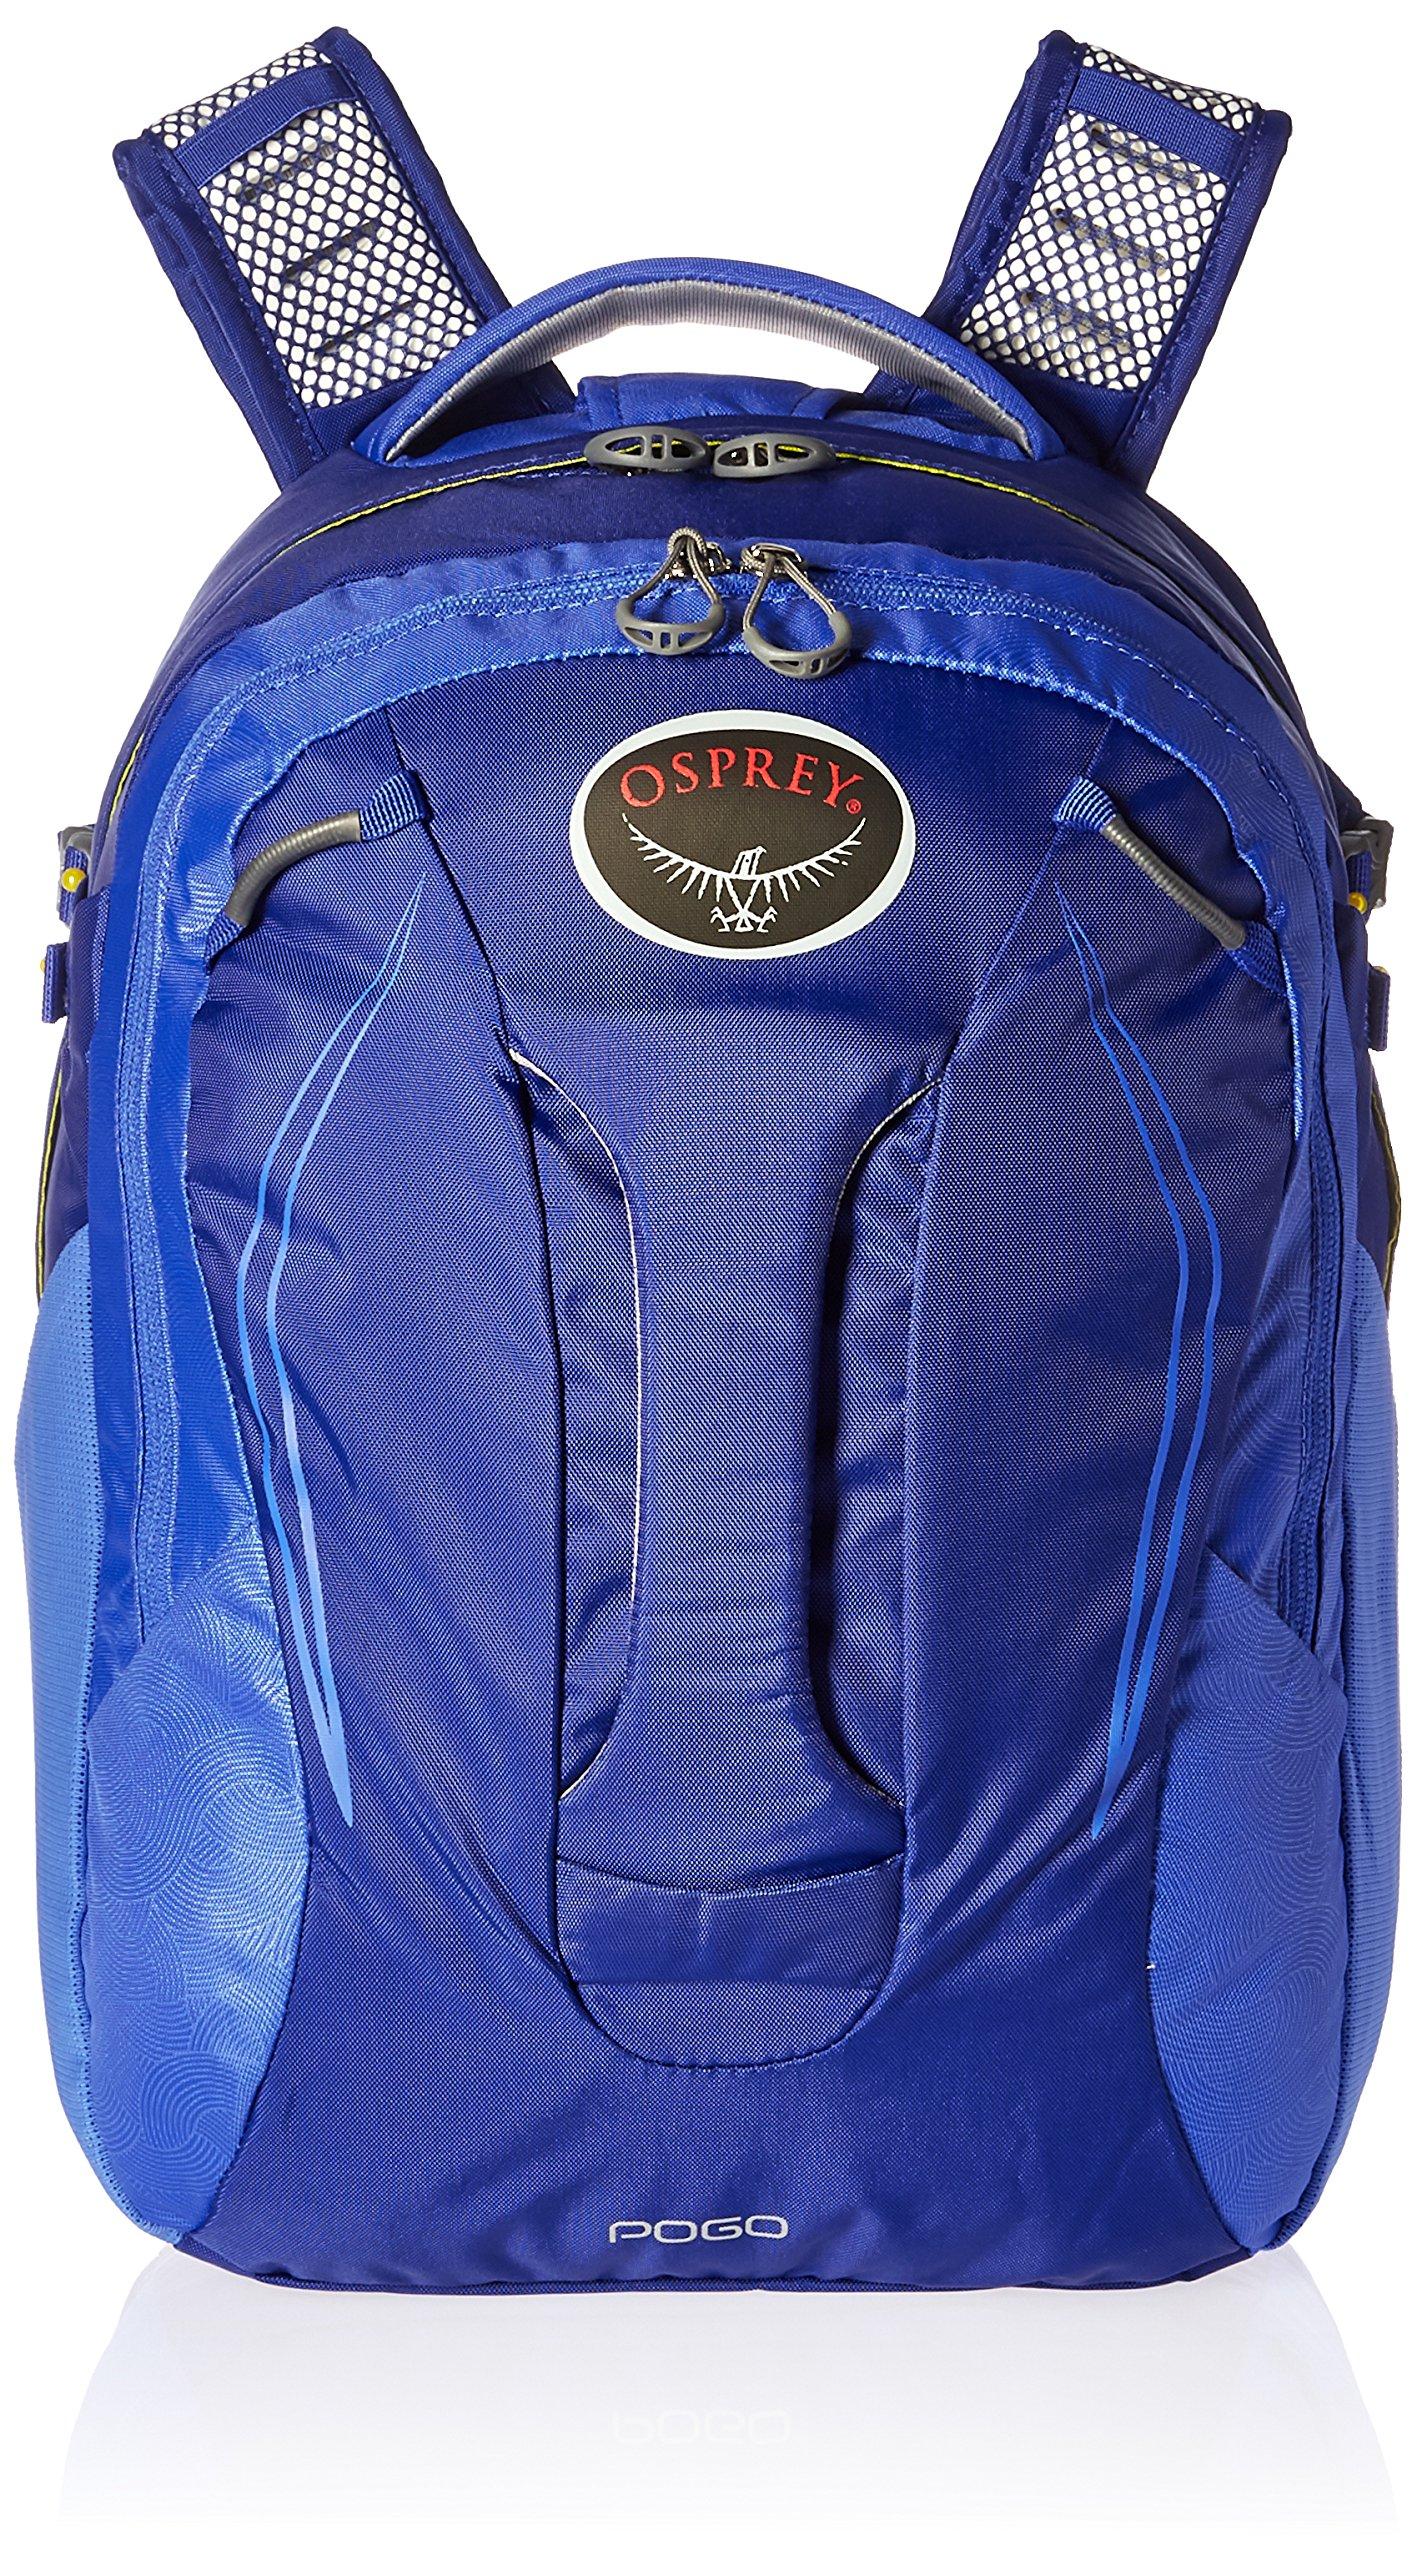 Osprey Packs Kid's Pogo Daypack, Hero Blue